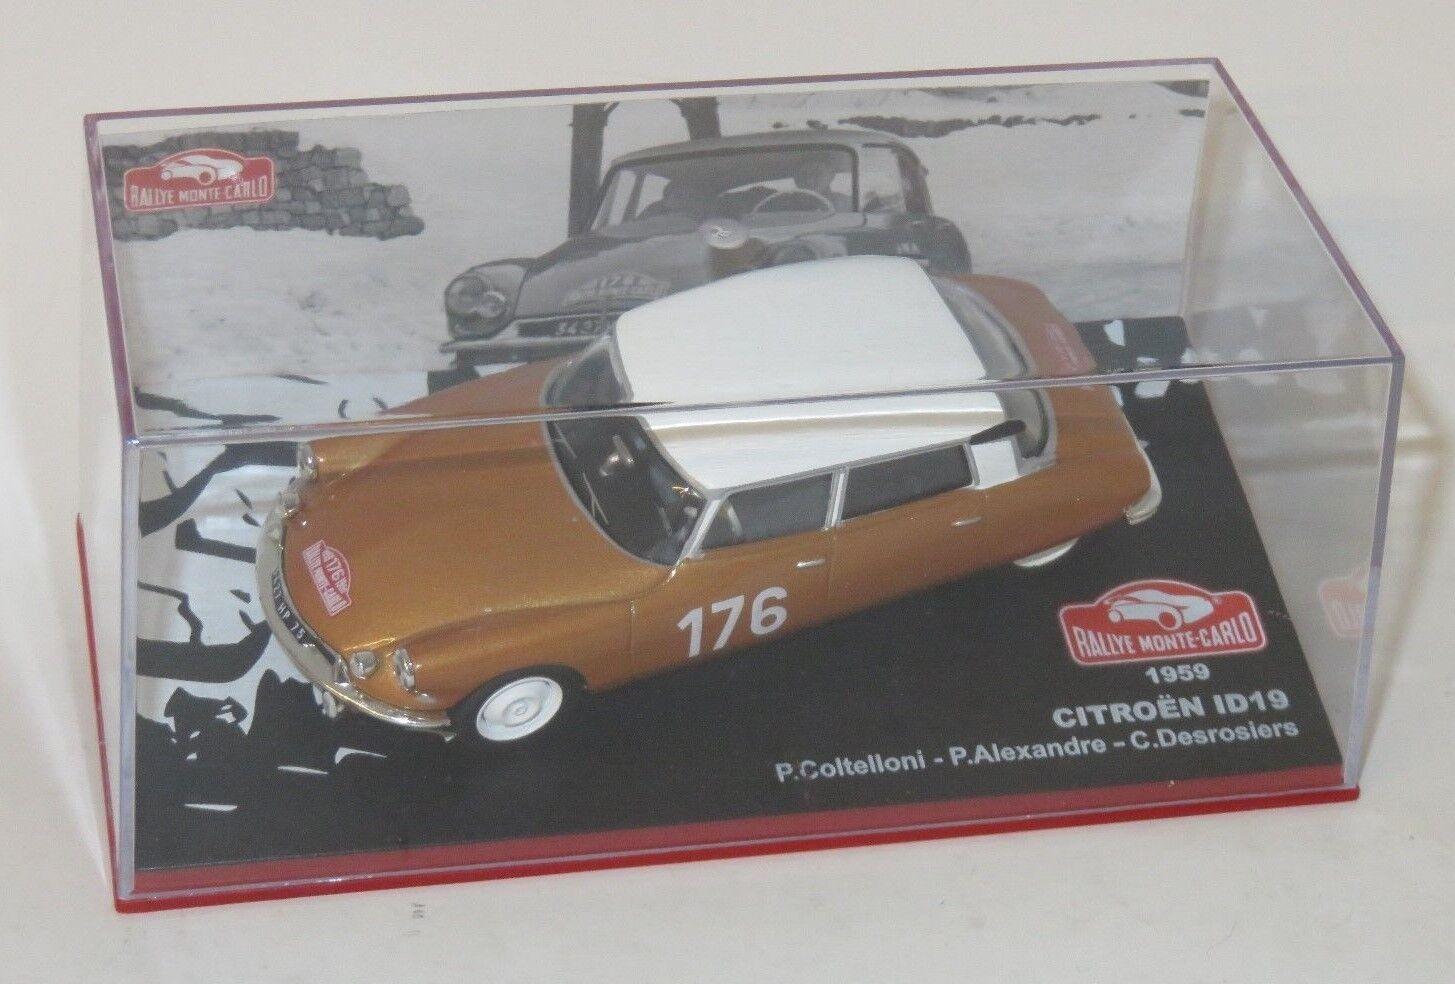 1 43 Citroen ID19 Winner Monte Carlo Rallye 1959